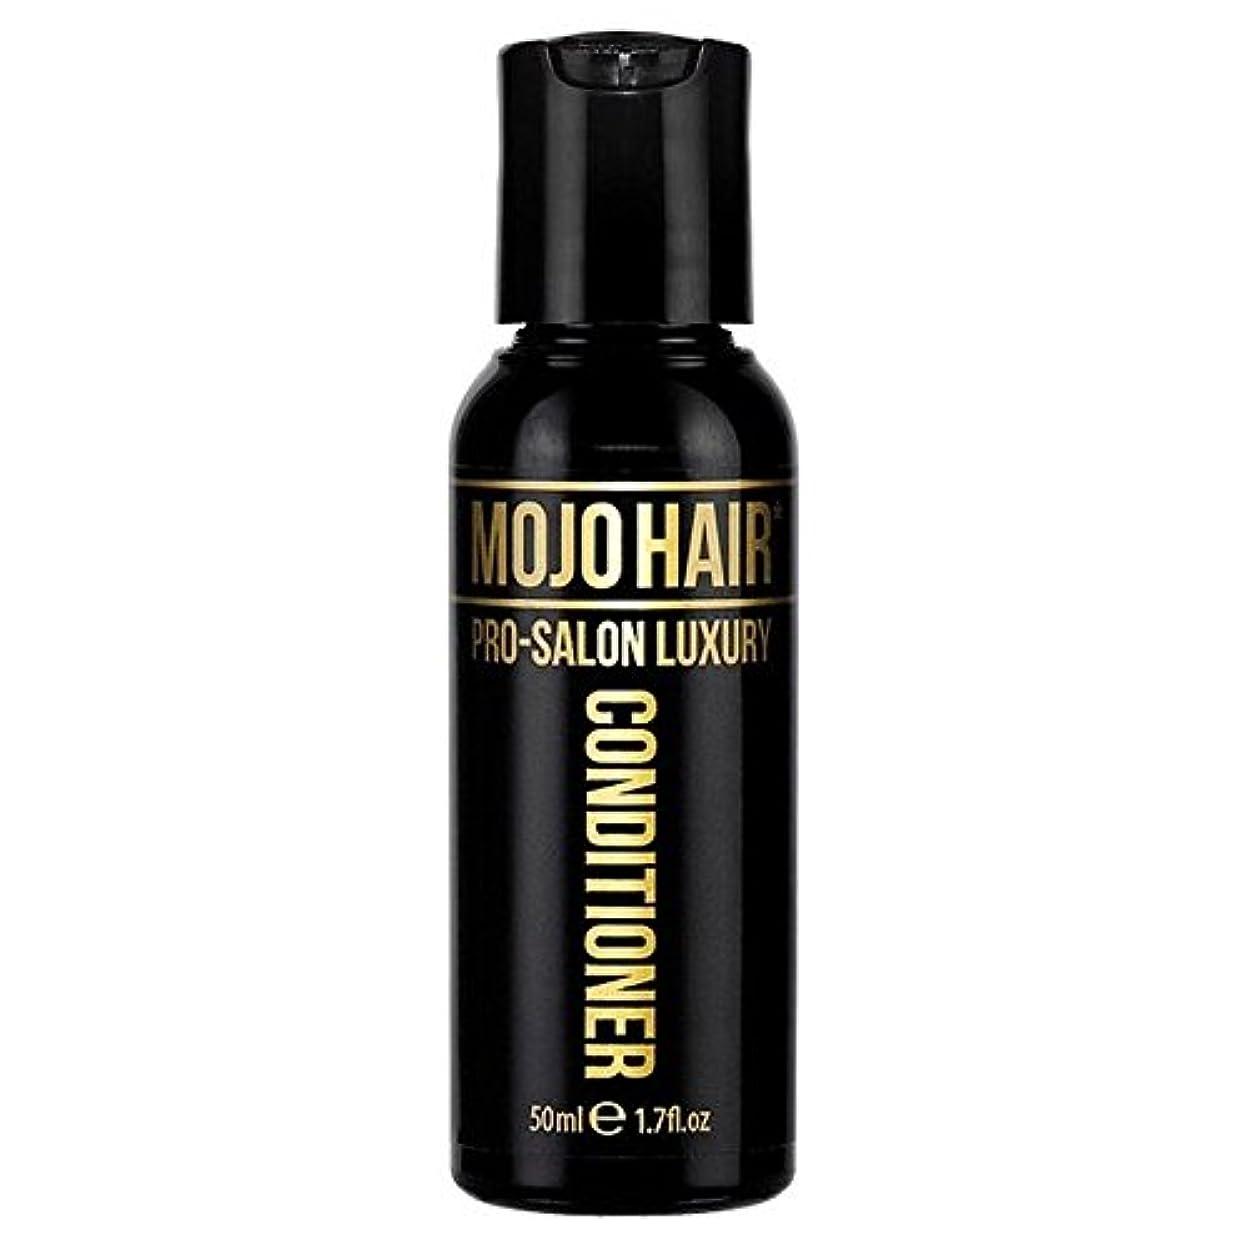 モードリン入札文化MOJO HAIR Pro-Salon Luxury Fragrance Conditioner for Men, Travel Size 50ml - 男性のためのモジョの毛プロのサロンの贅沢な香りコンディショナー、トラベルサイズ...